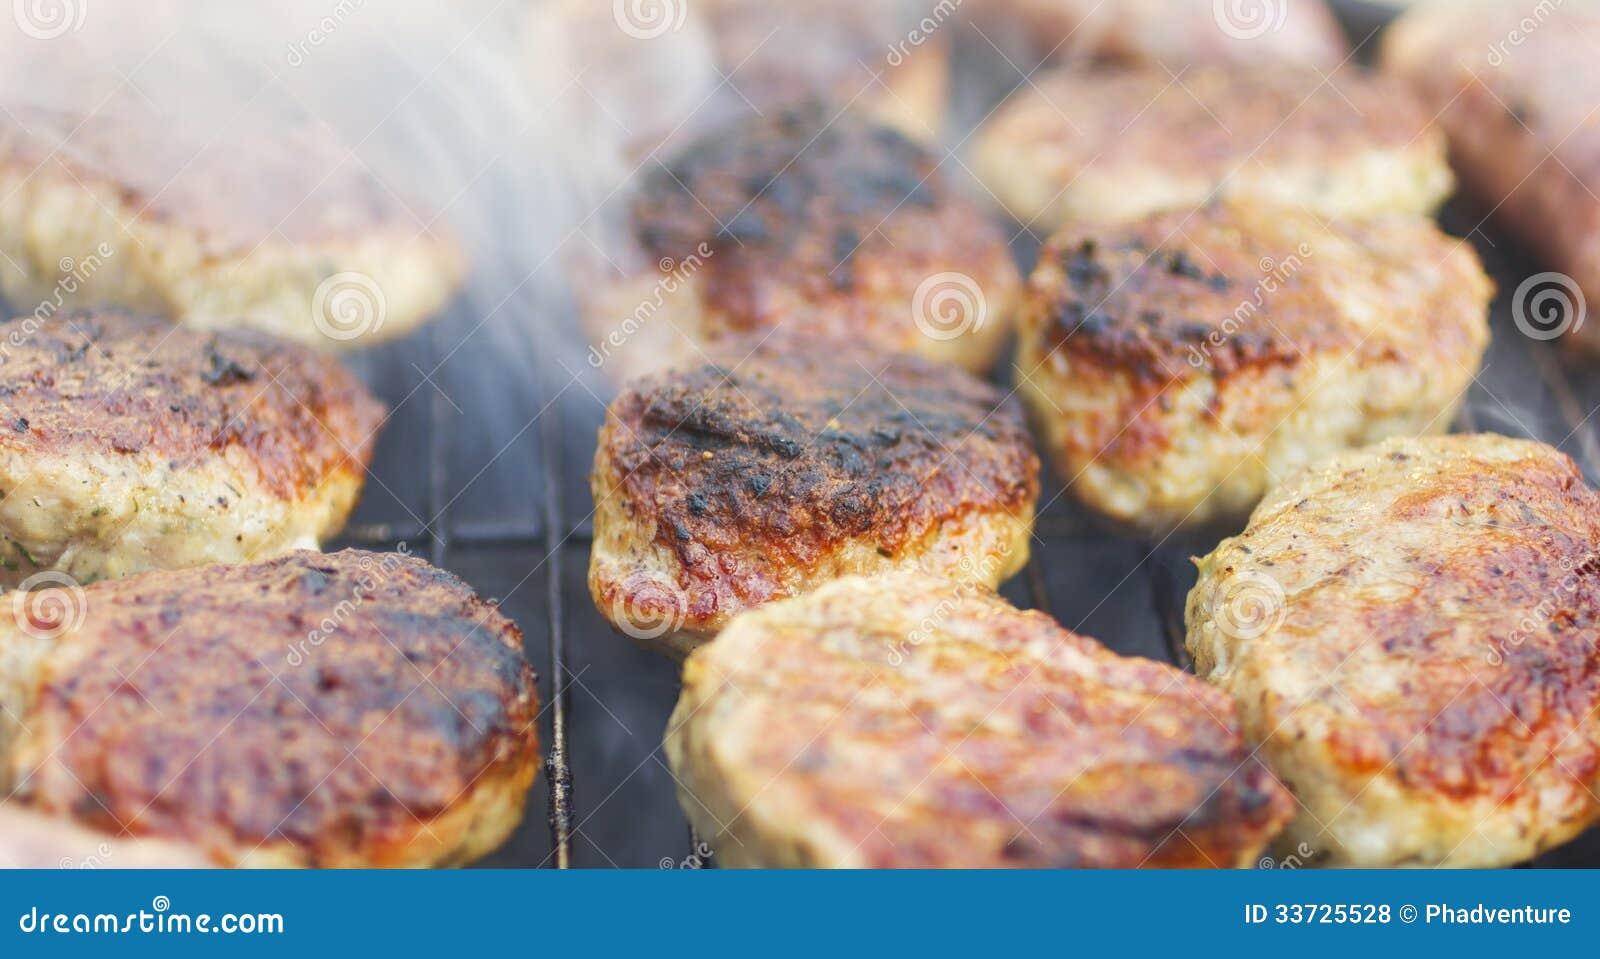 Зажаренные сосиски и фрикадельки